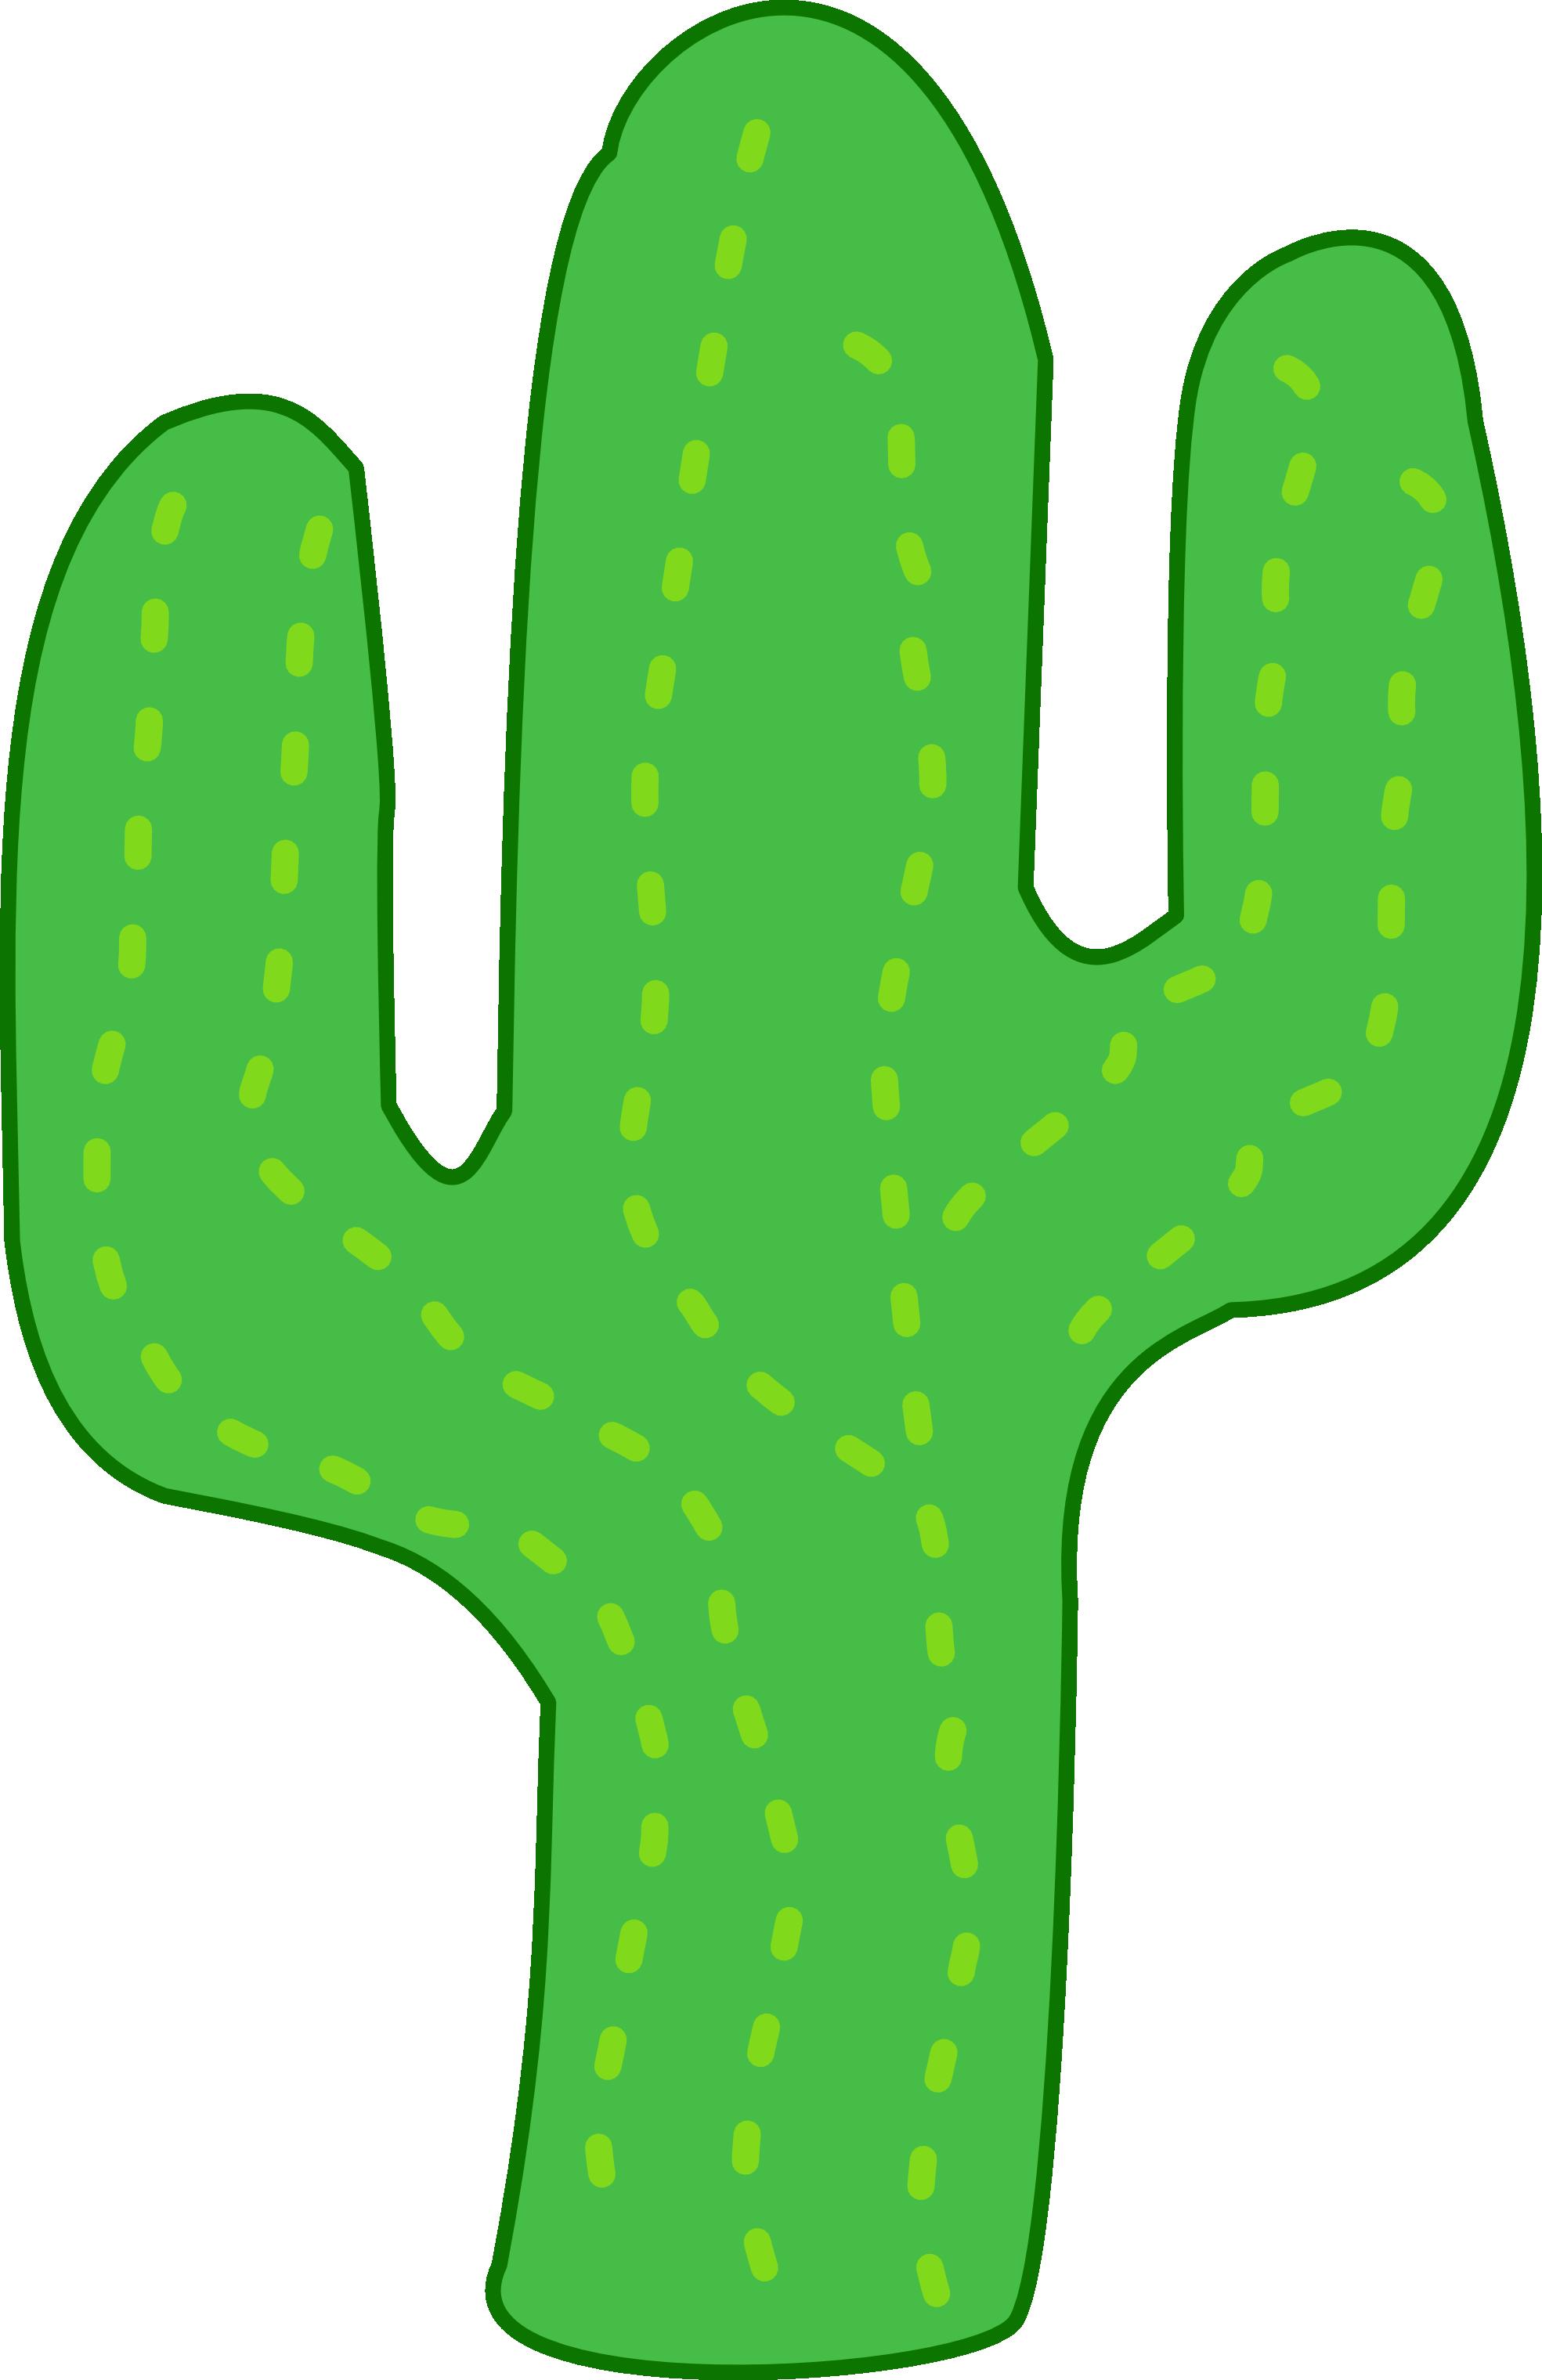 jpg free download Cactus Clipart at GetDrawings